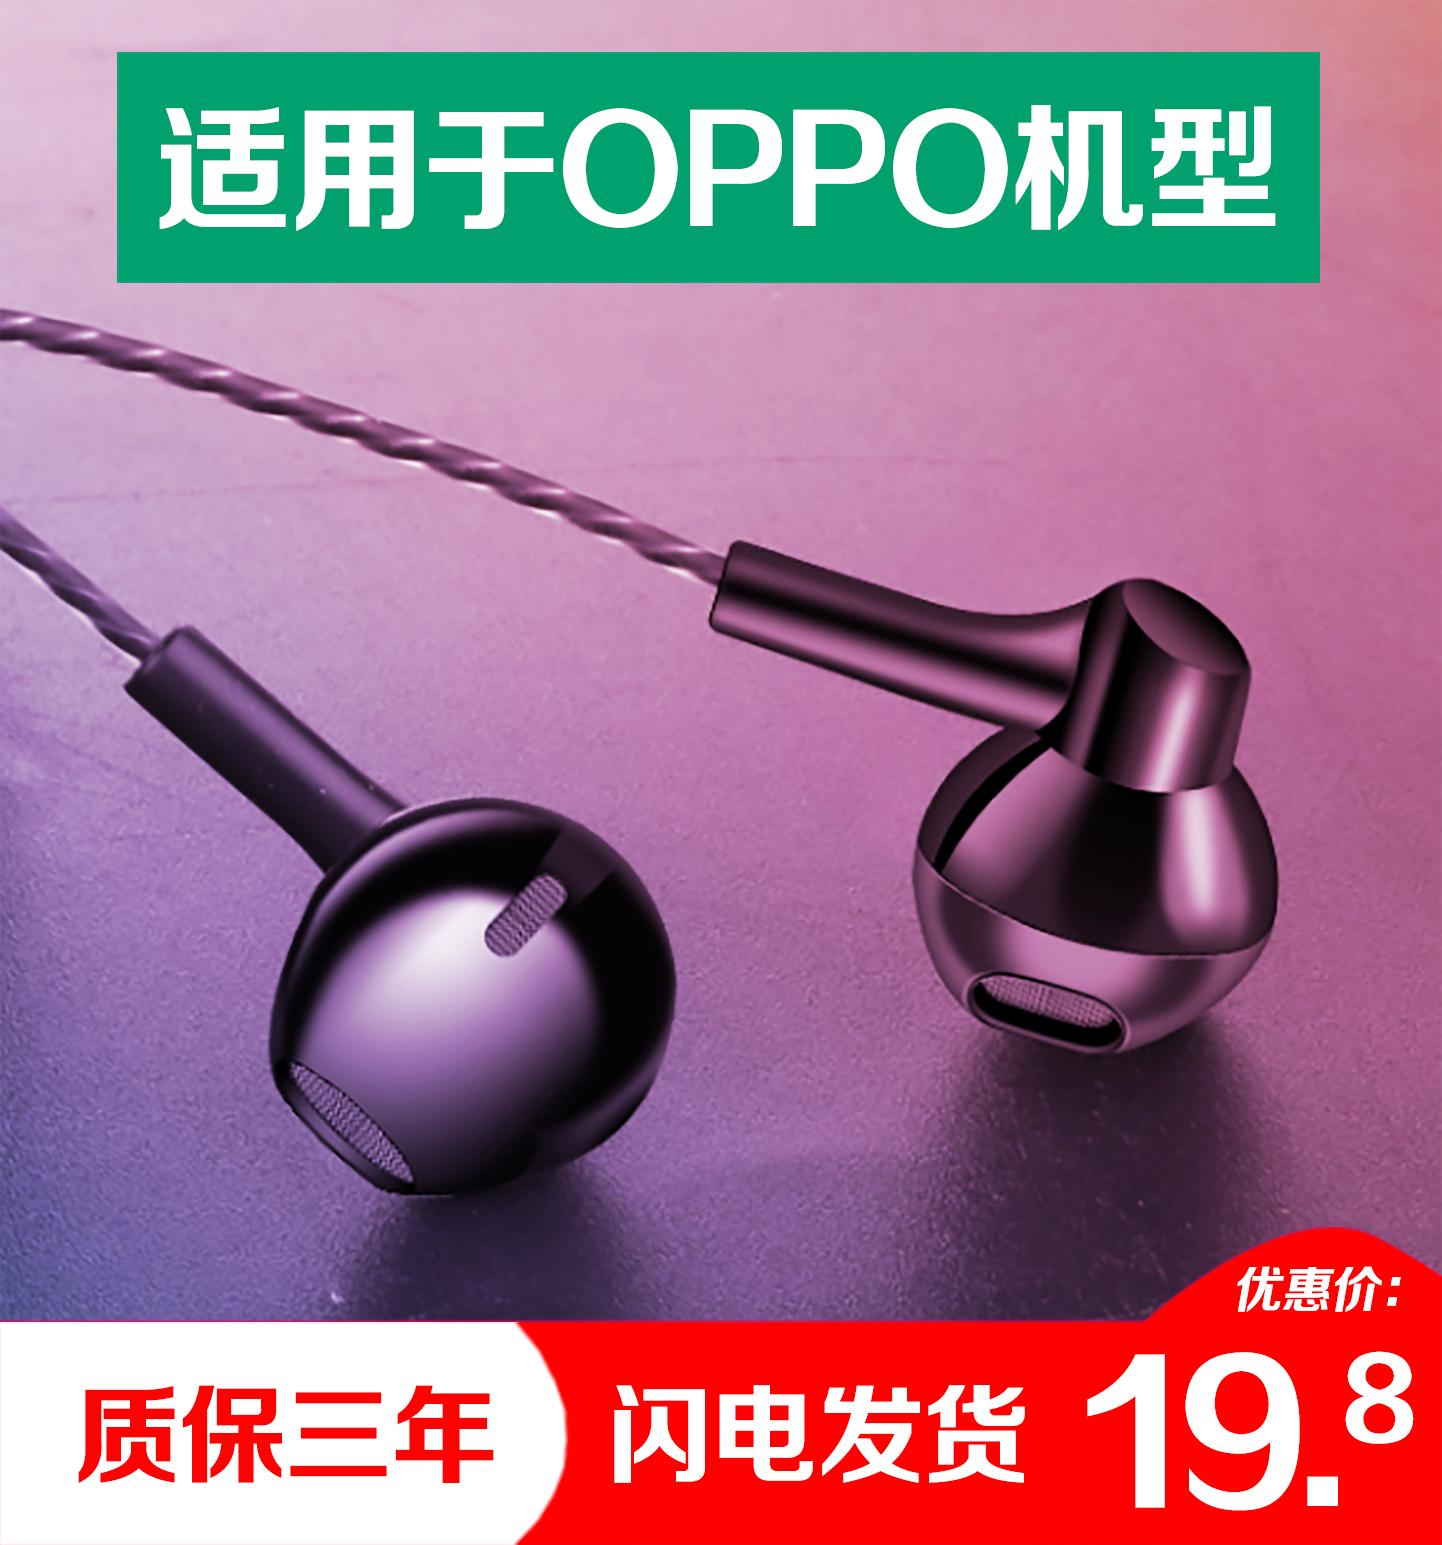 OPPO原装正品OPPOR11 OPPOA77 A57手机N1耳机通用入耳式线控耳塞